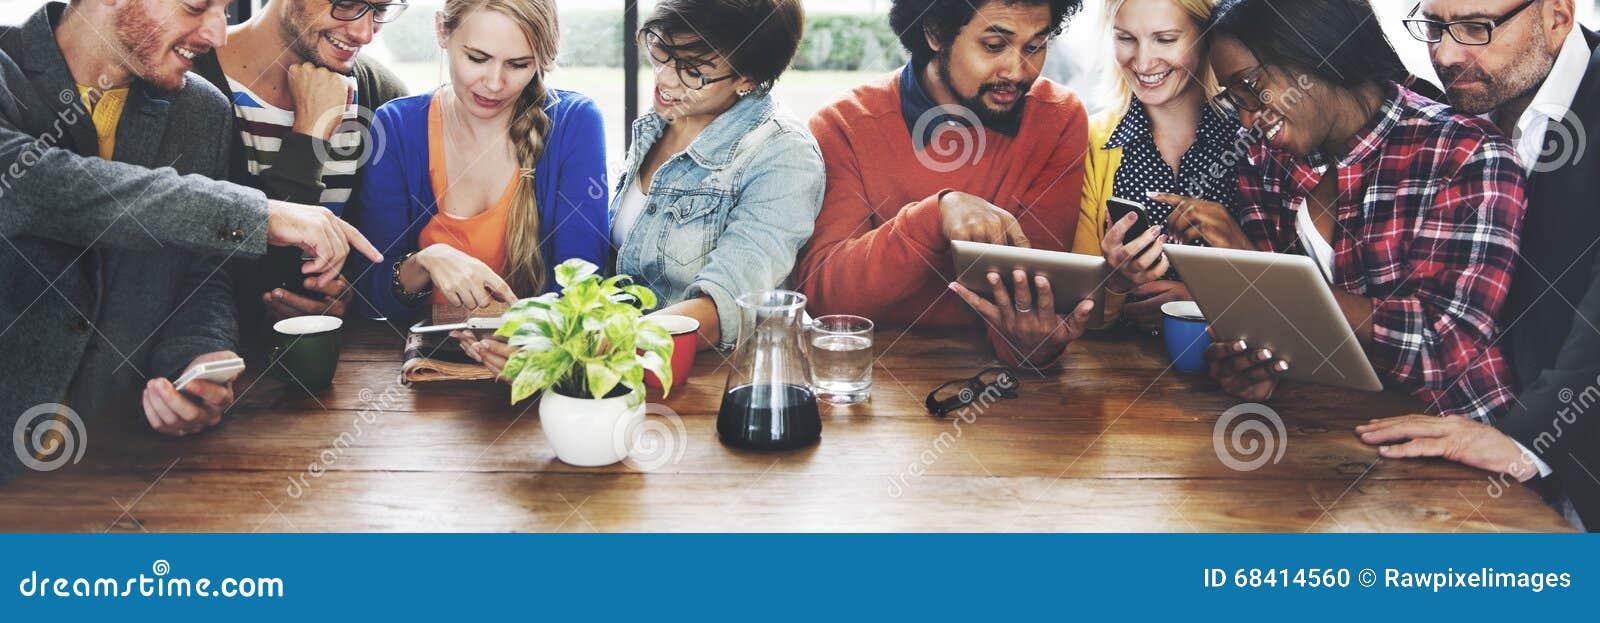 Gente que hace frente a concepto de la tableta de Digitaces de la tecnología de comunicación